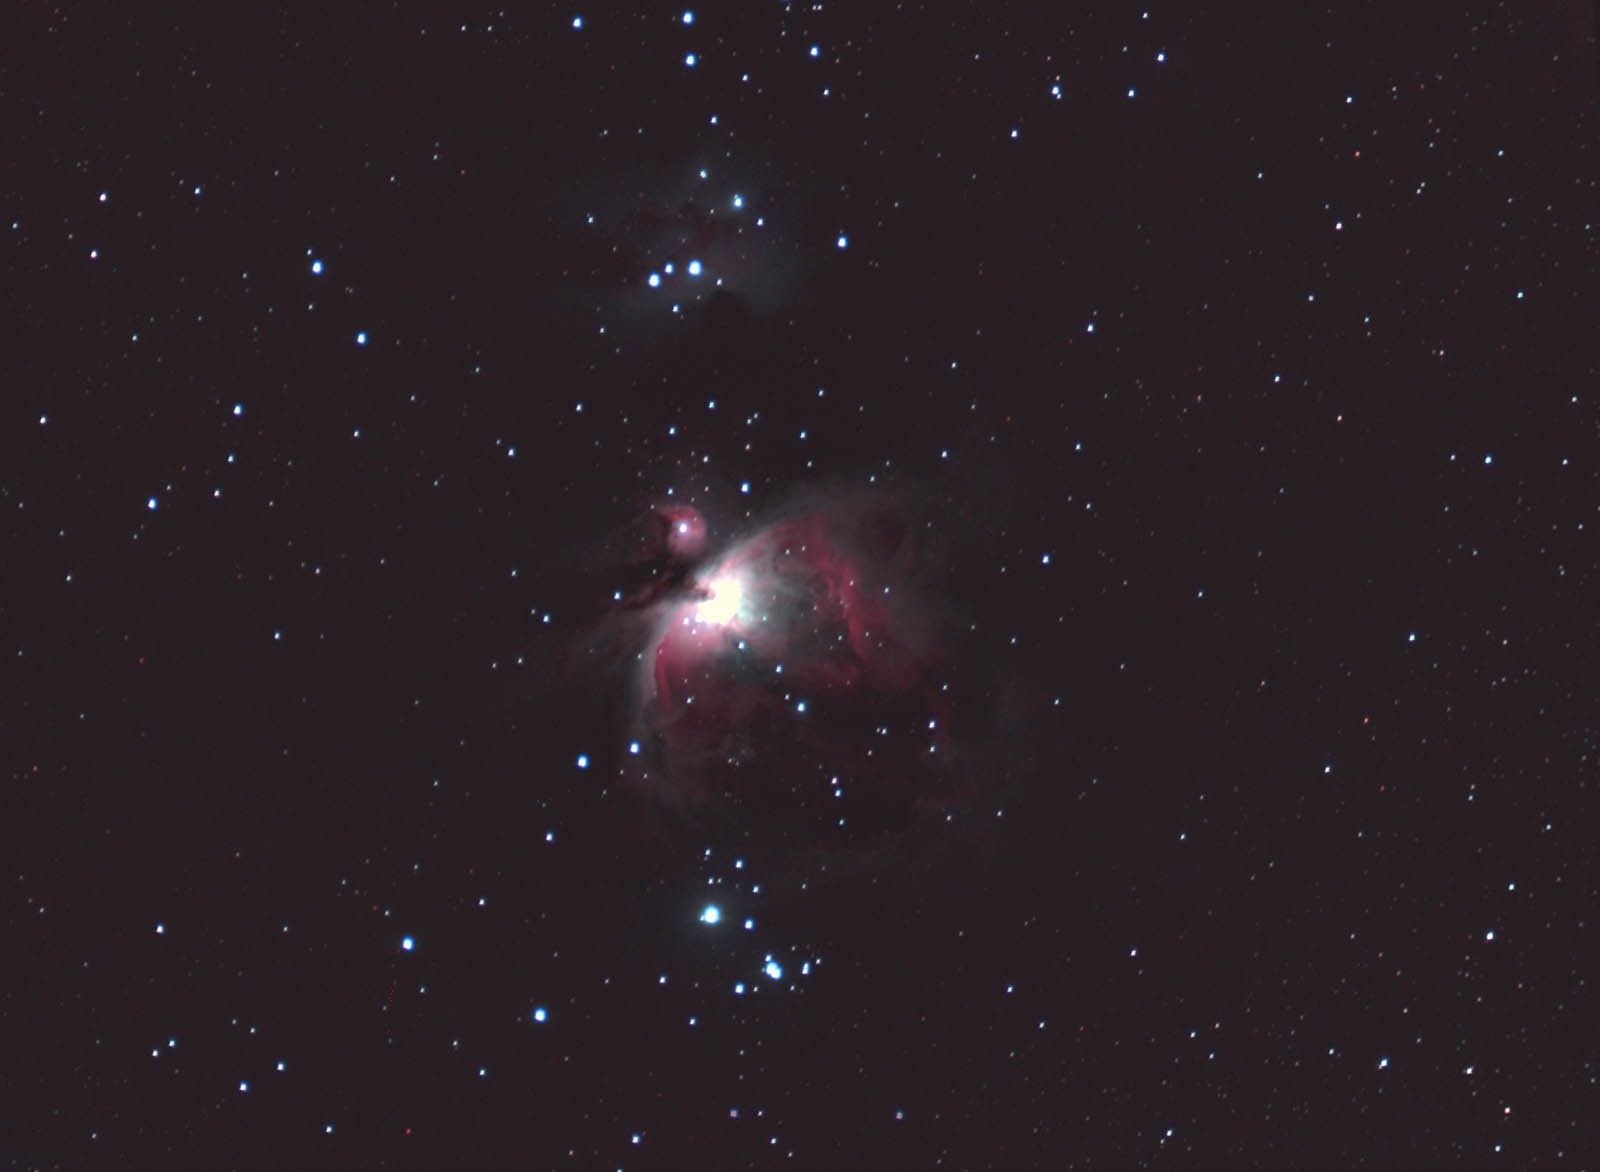 Zoll f newton teleskop fernrohr ähnlich celestron bresser in